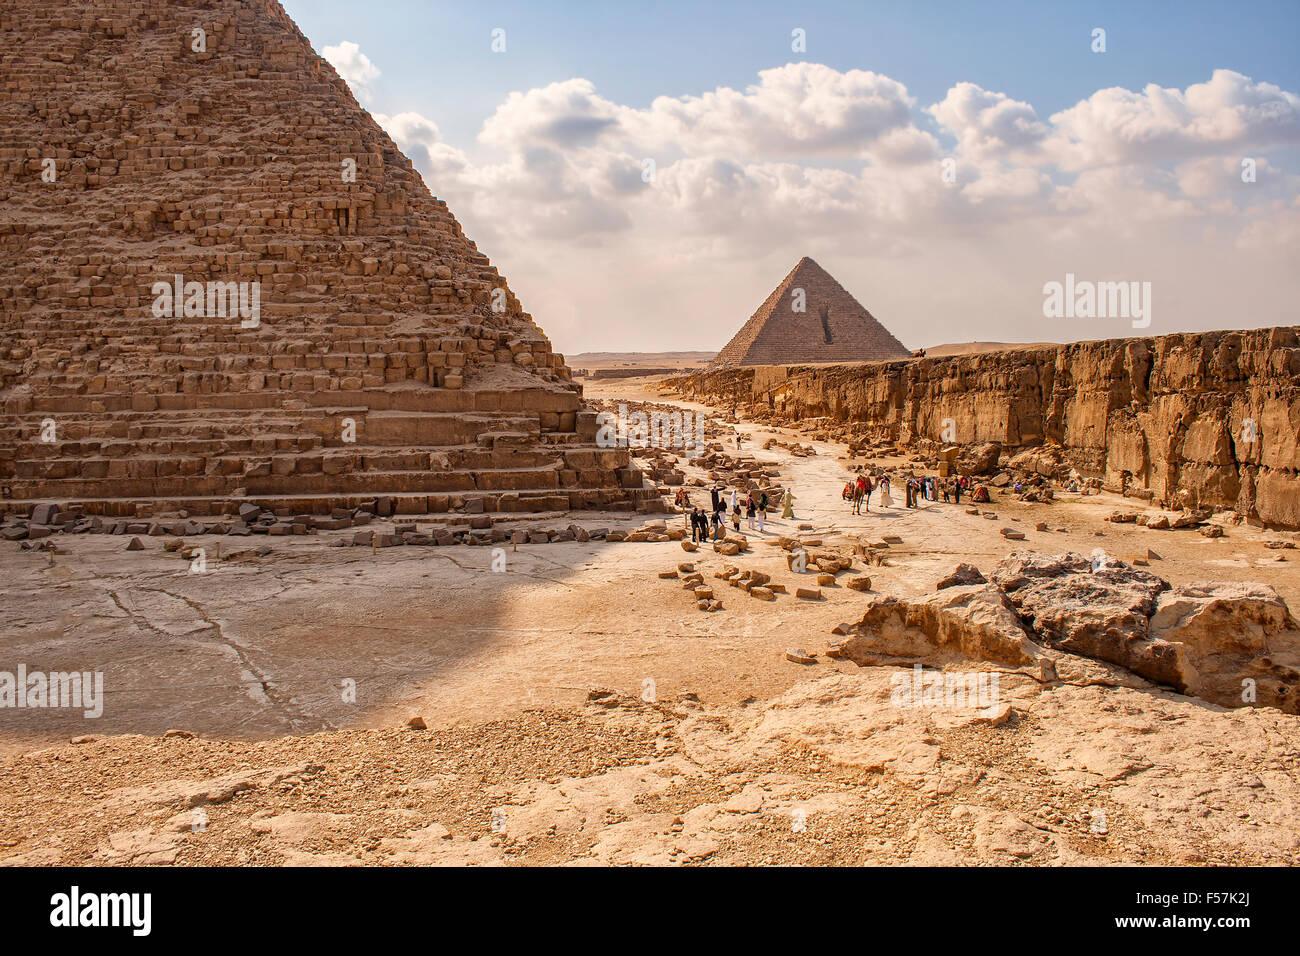 Image de les pyramides de Gizeh au Caire, Égypte. Photo Stock